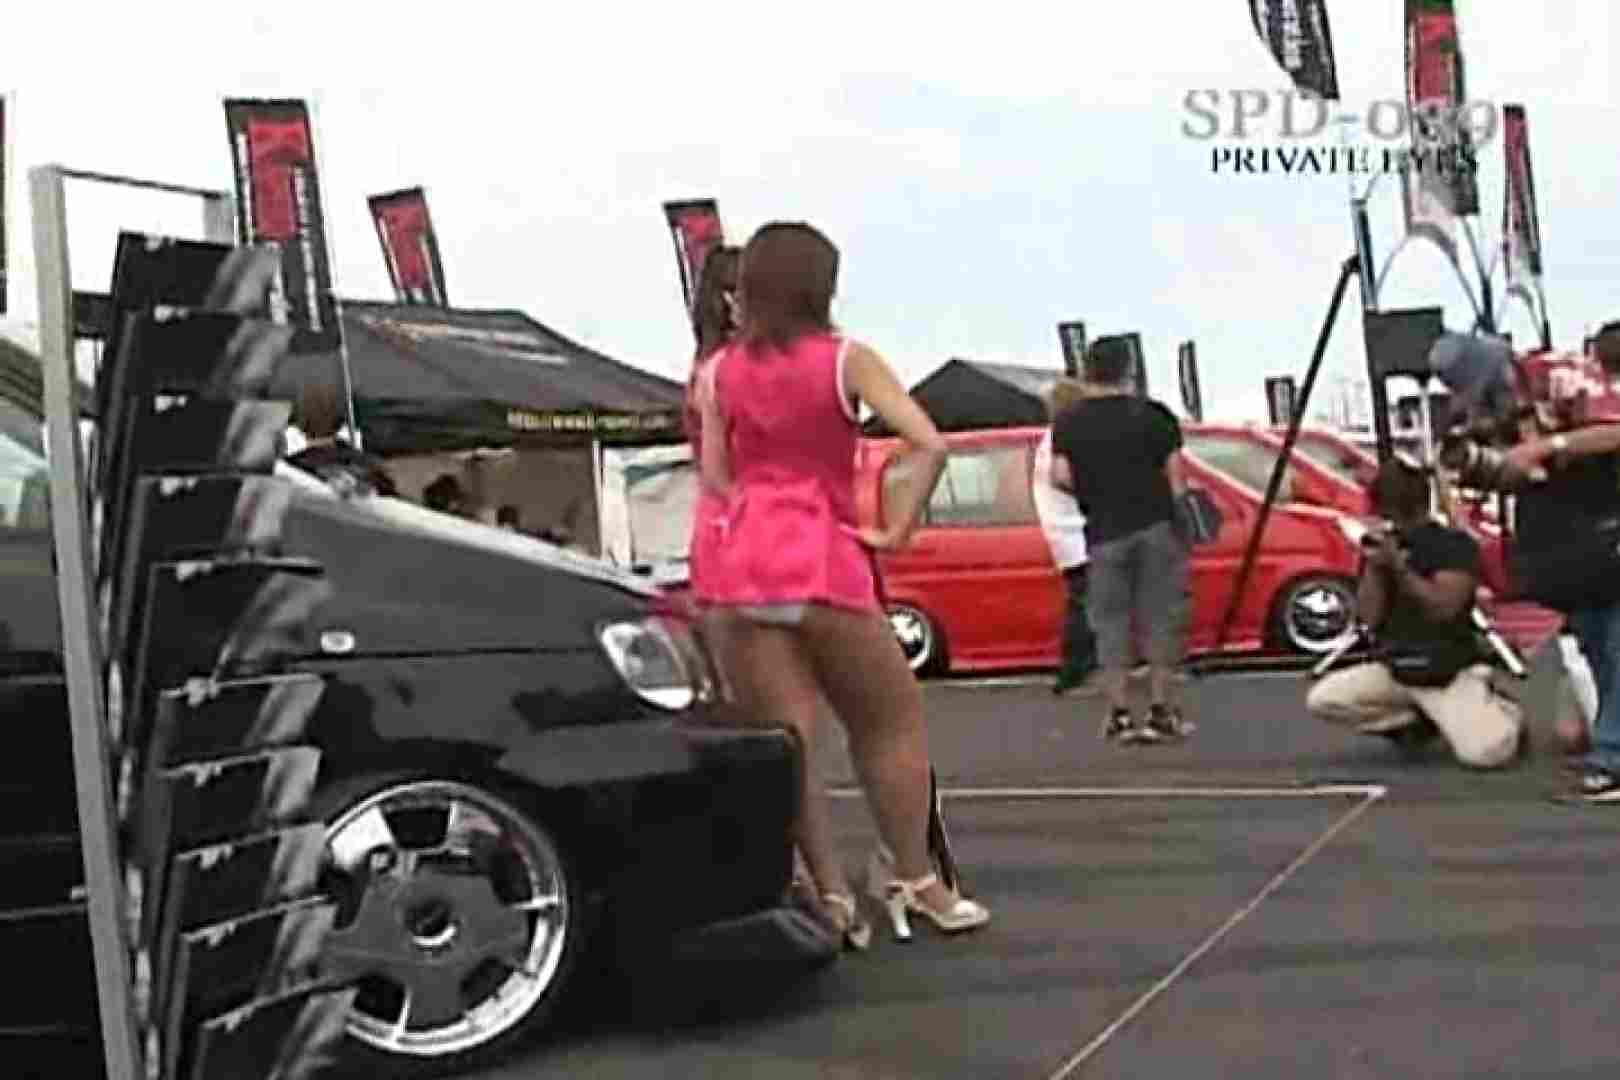 高画質版!SPD-039 ザ・コンパニオン 2001 ワゴンカーフェスティバル 高画質  25連発 10